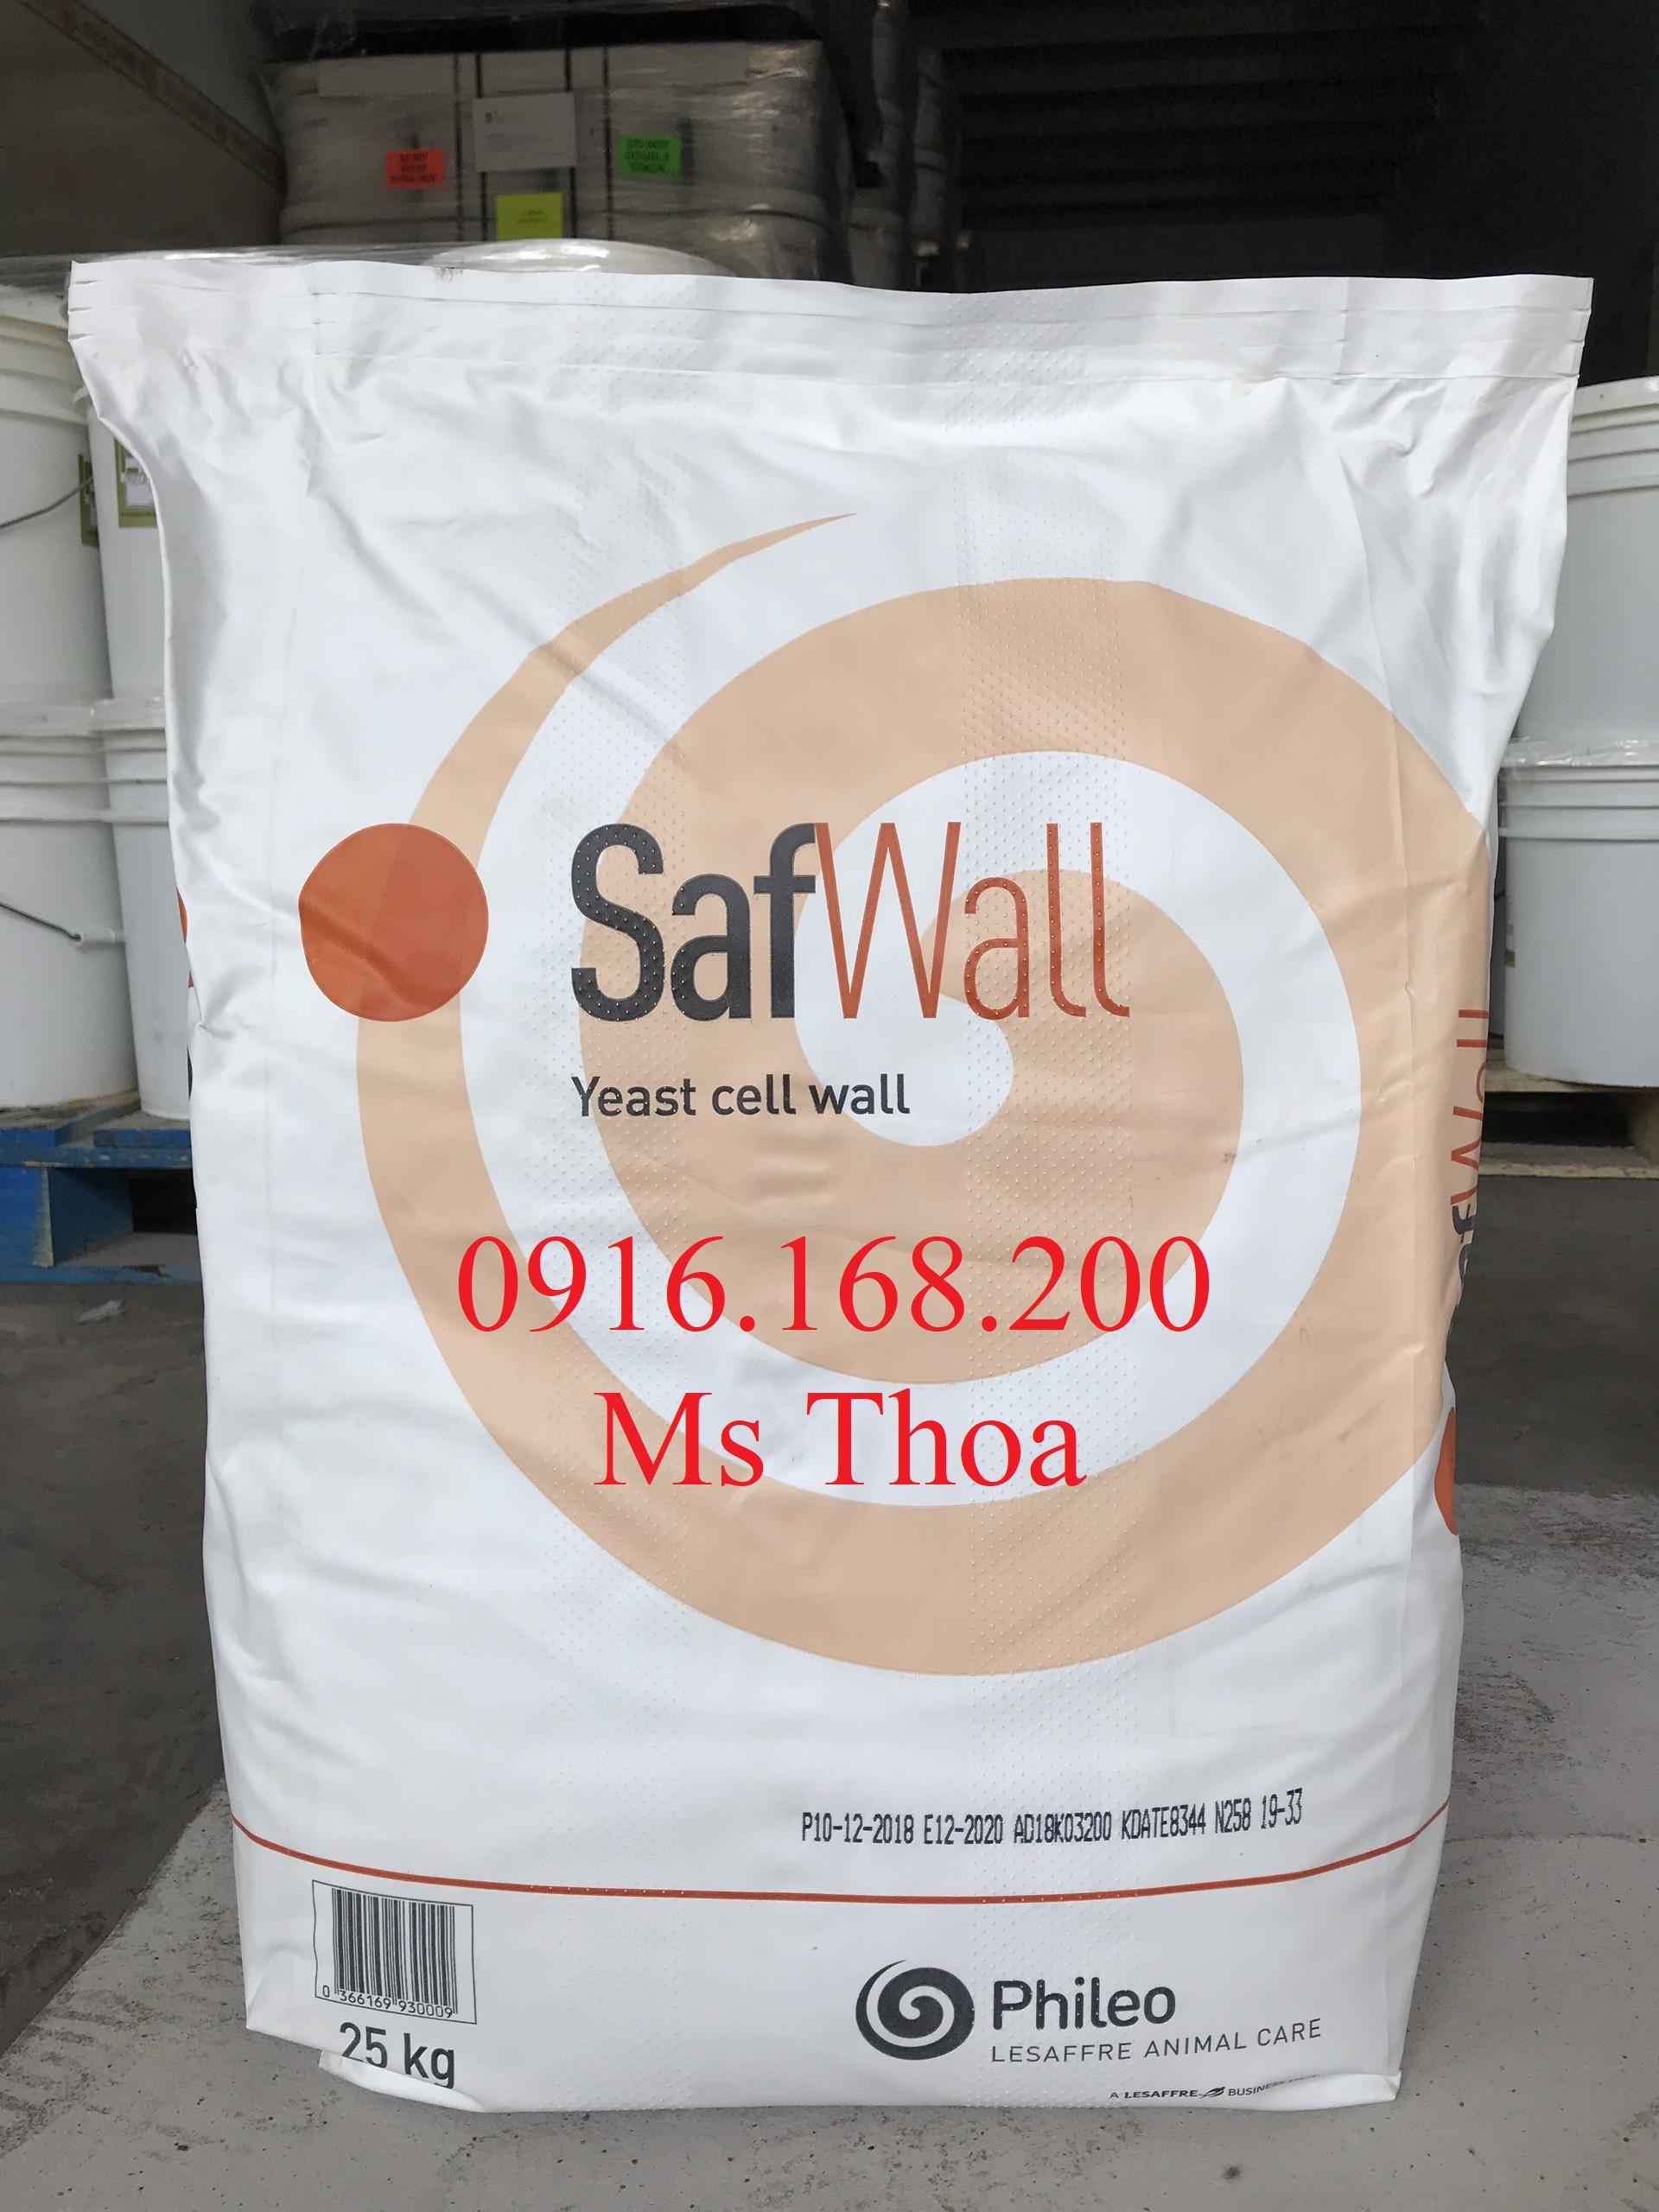 Safwall: Betaglucan và MOS tăng cường miễn dịch, hỗ trợ tiêu hóa